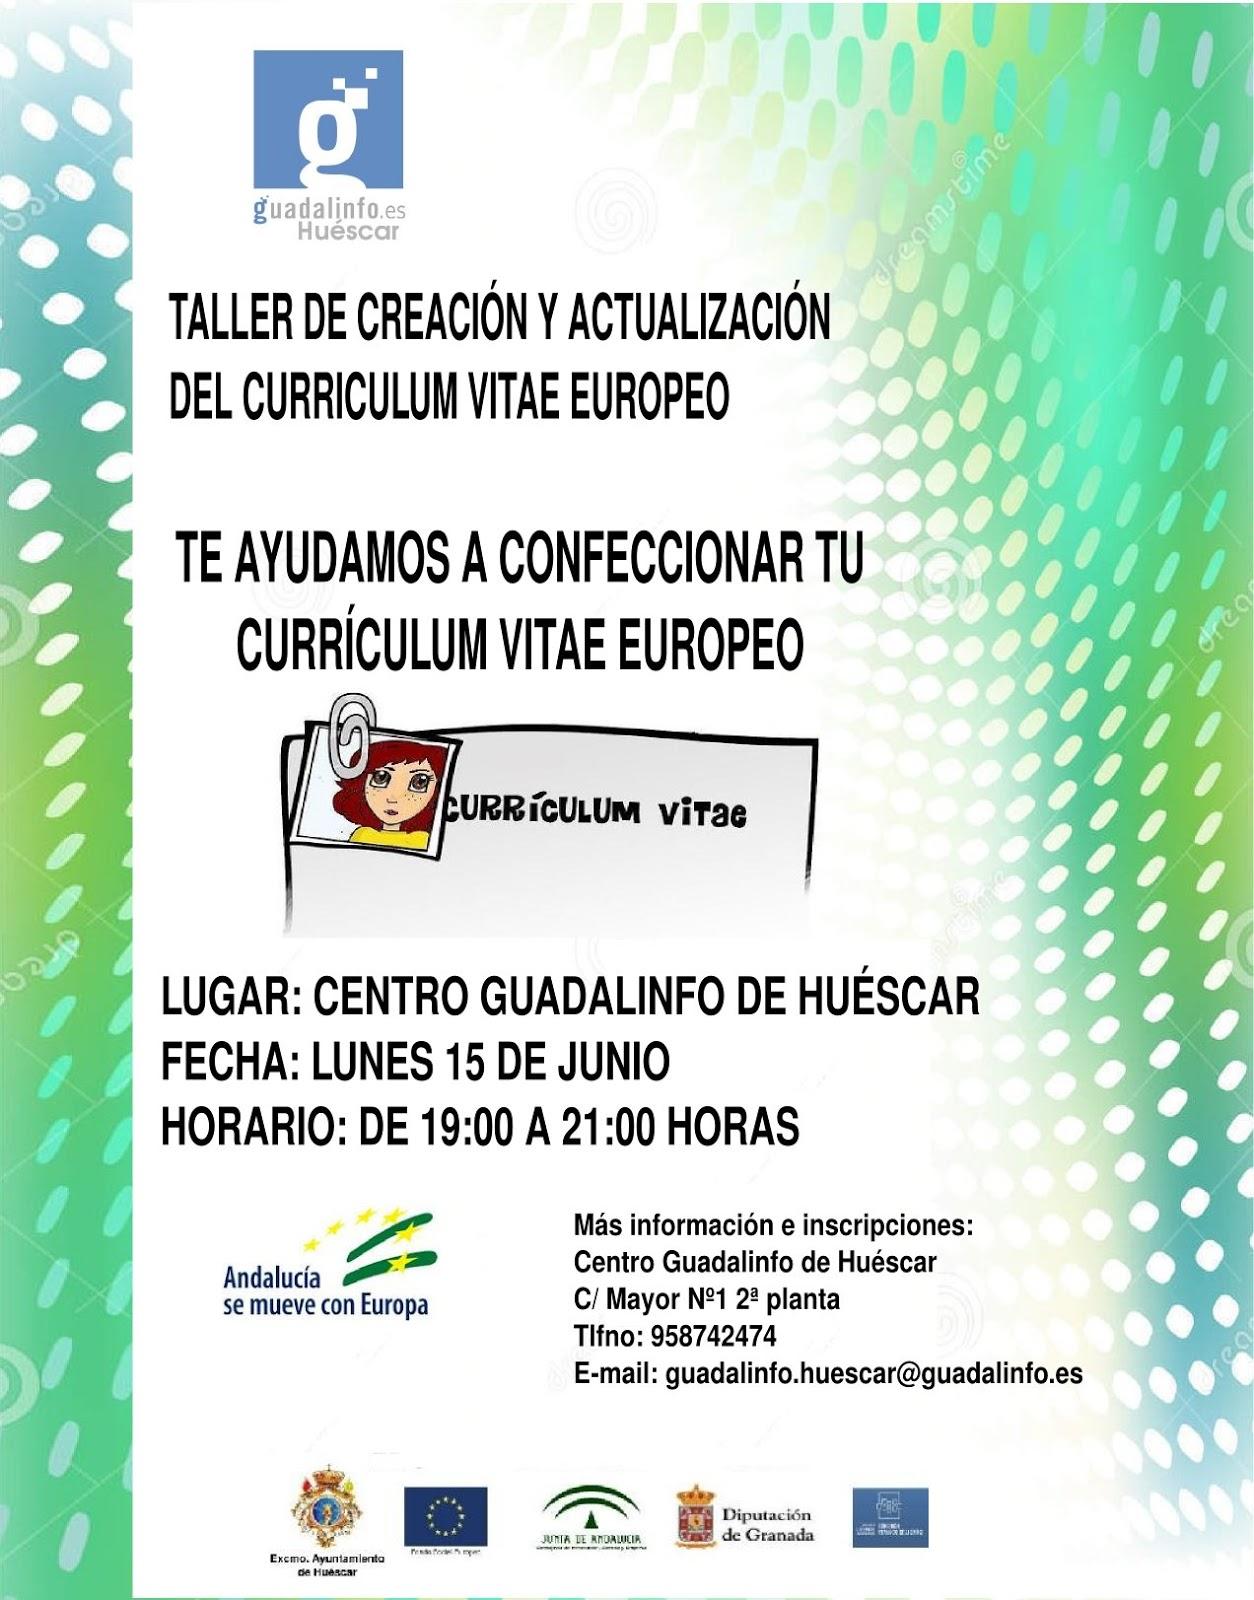 CENTRO GUADALINFO DE HUESCAR: TALLER DE CREACIÓN DE CURRICULUM VITAE ...